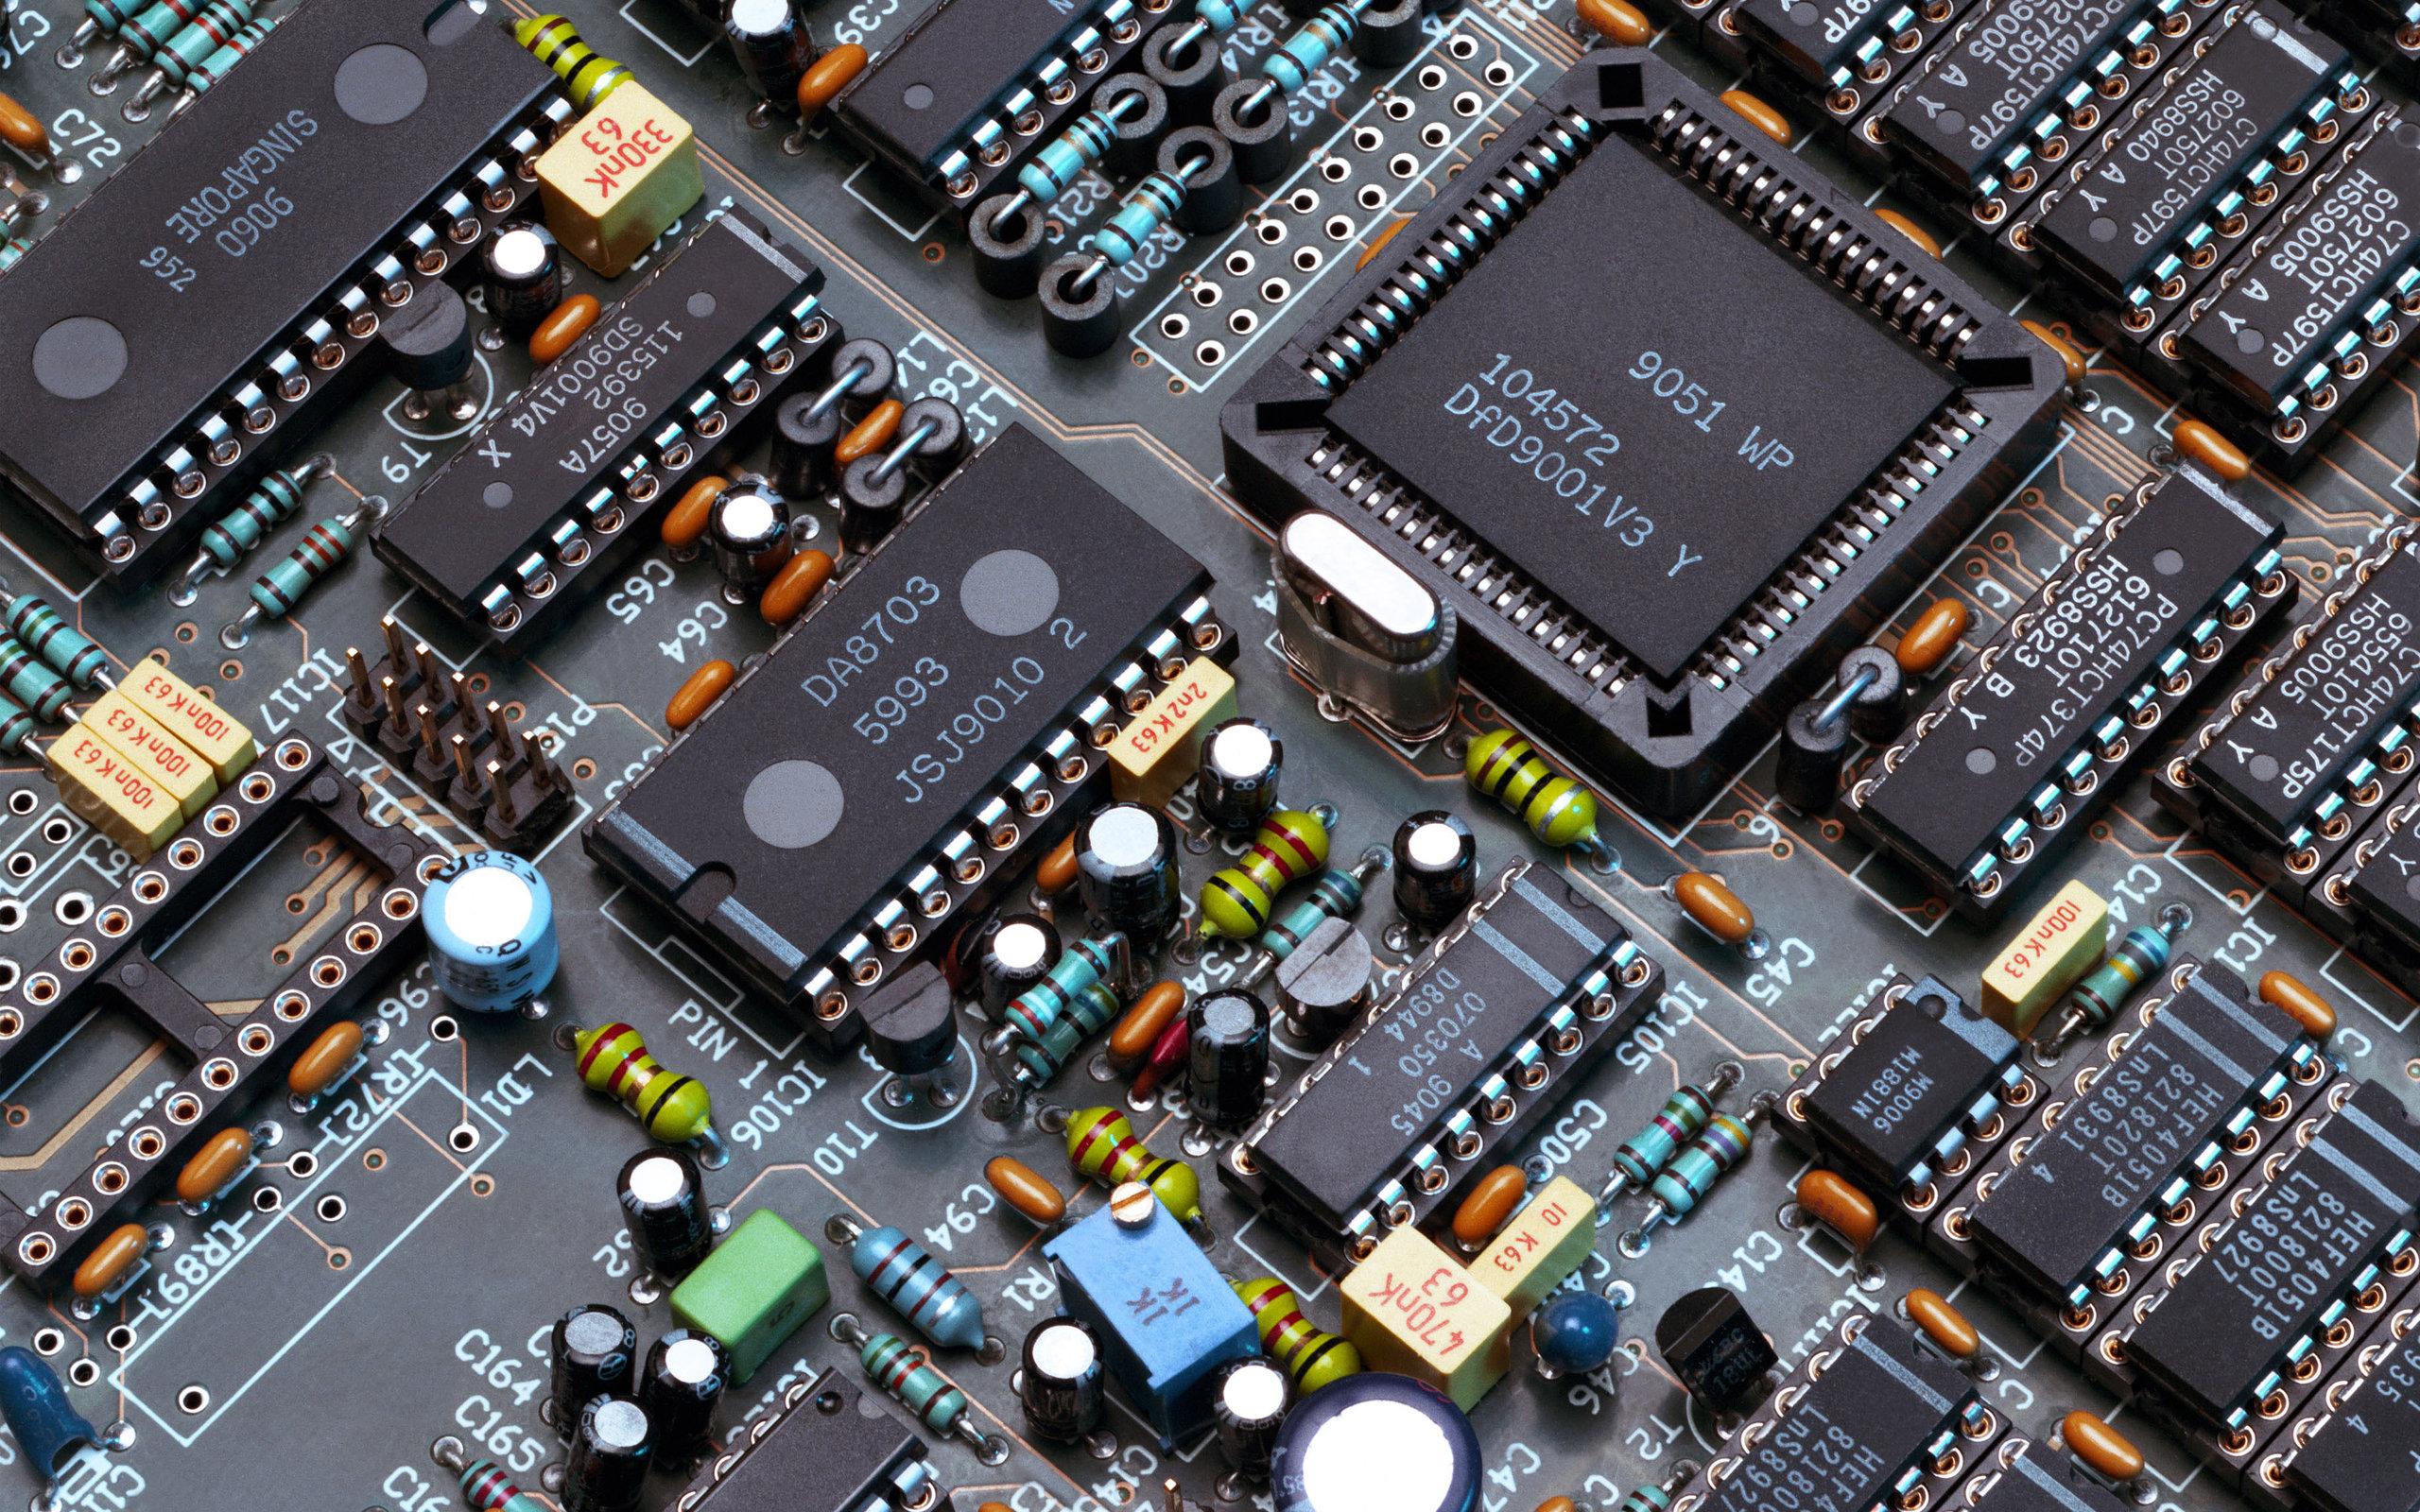 Τεχνολογία Ενσωματωμένων Συστημάτων Βασιζόμενων σε Μικροεπεξεργαστές στην Αίθουσα Α2